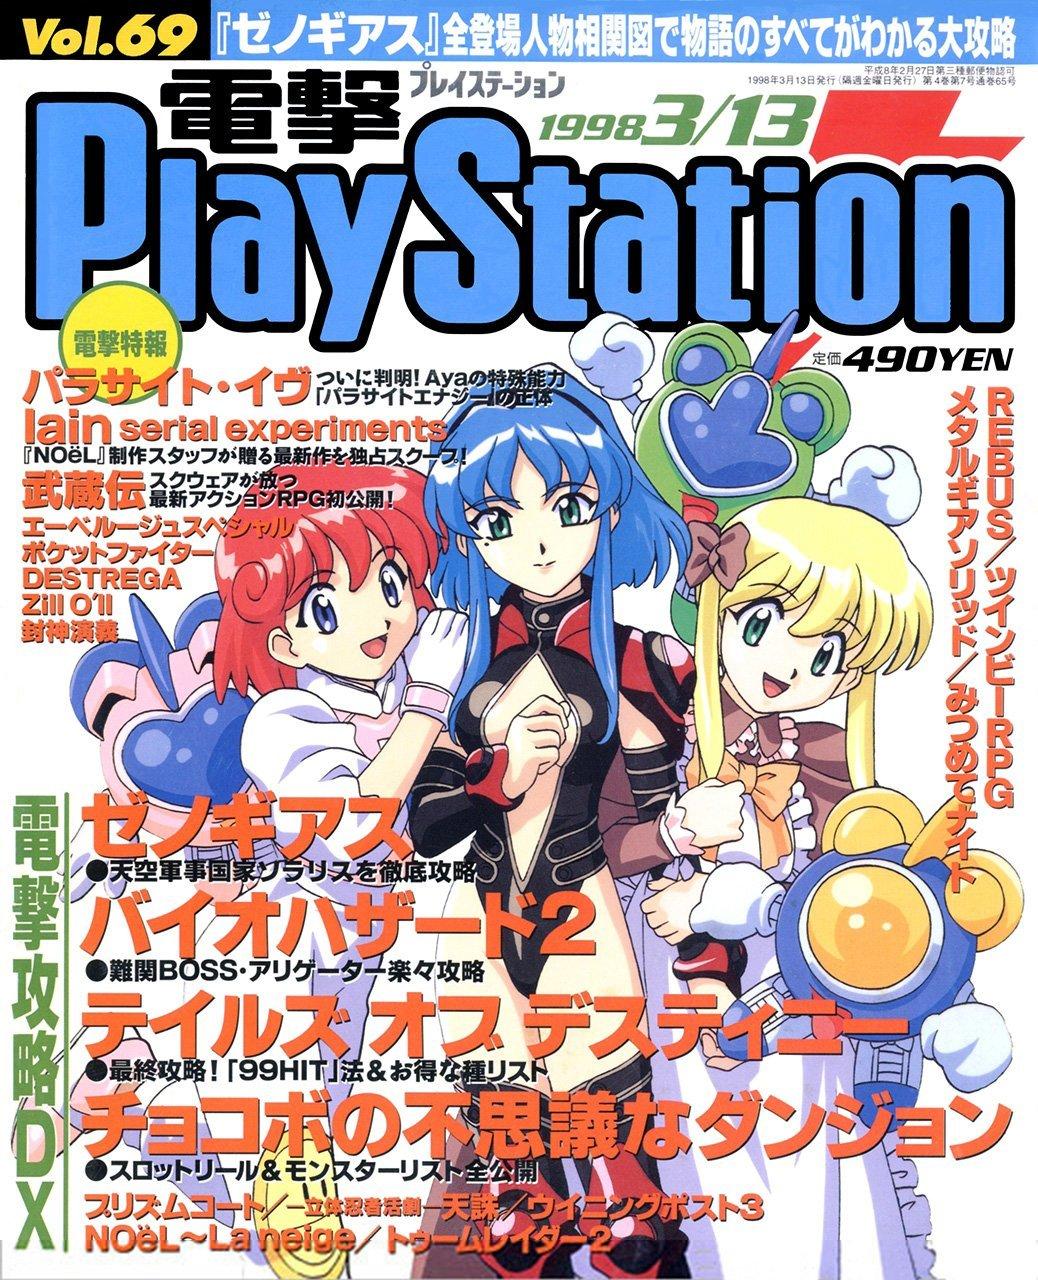 Dengeki PlayStation 069 (March 13, 1998)